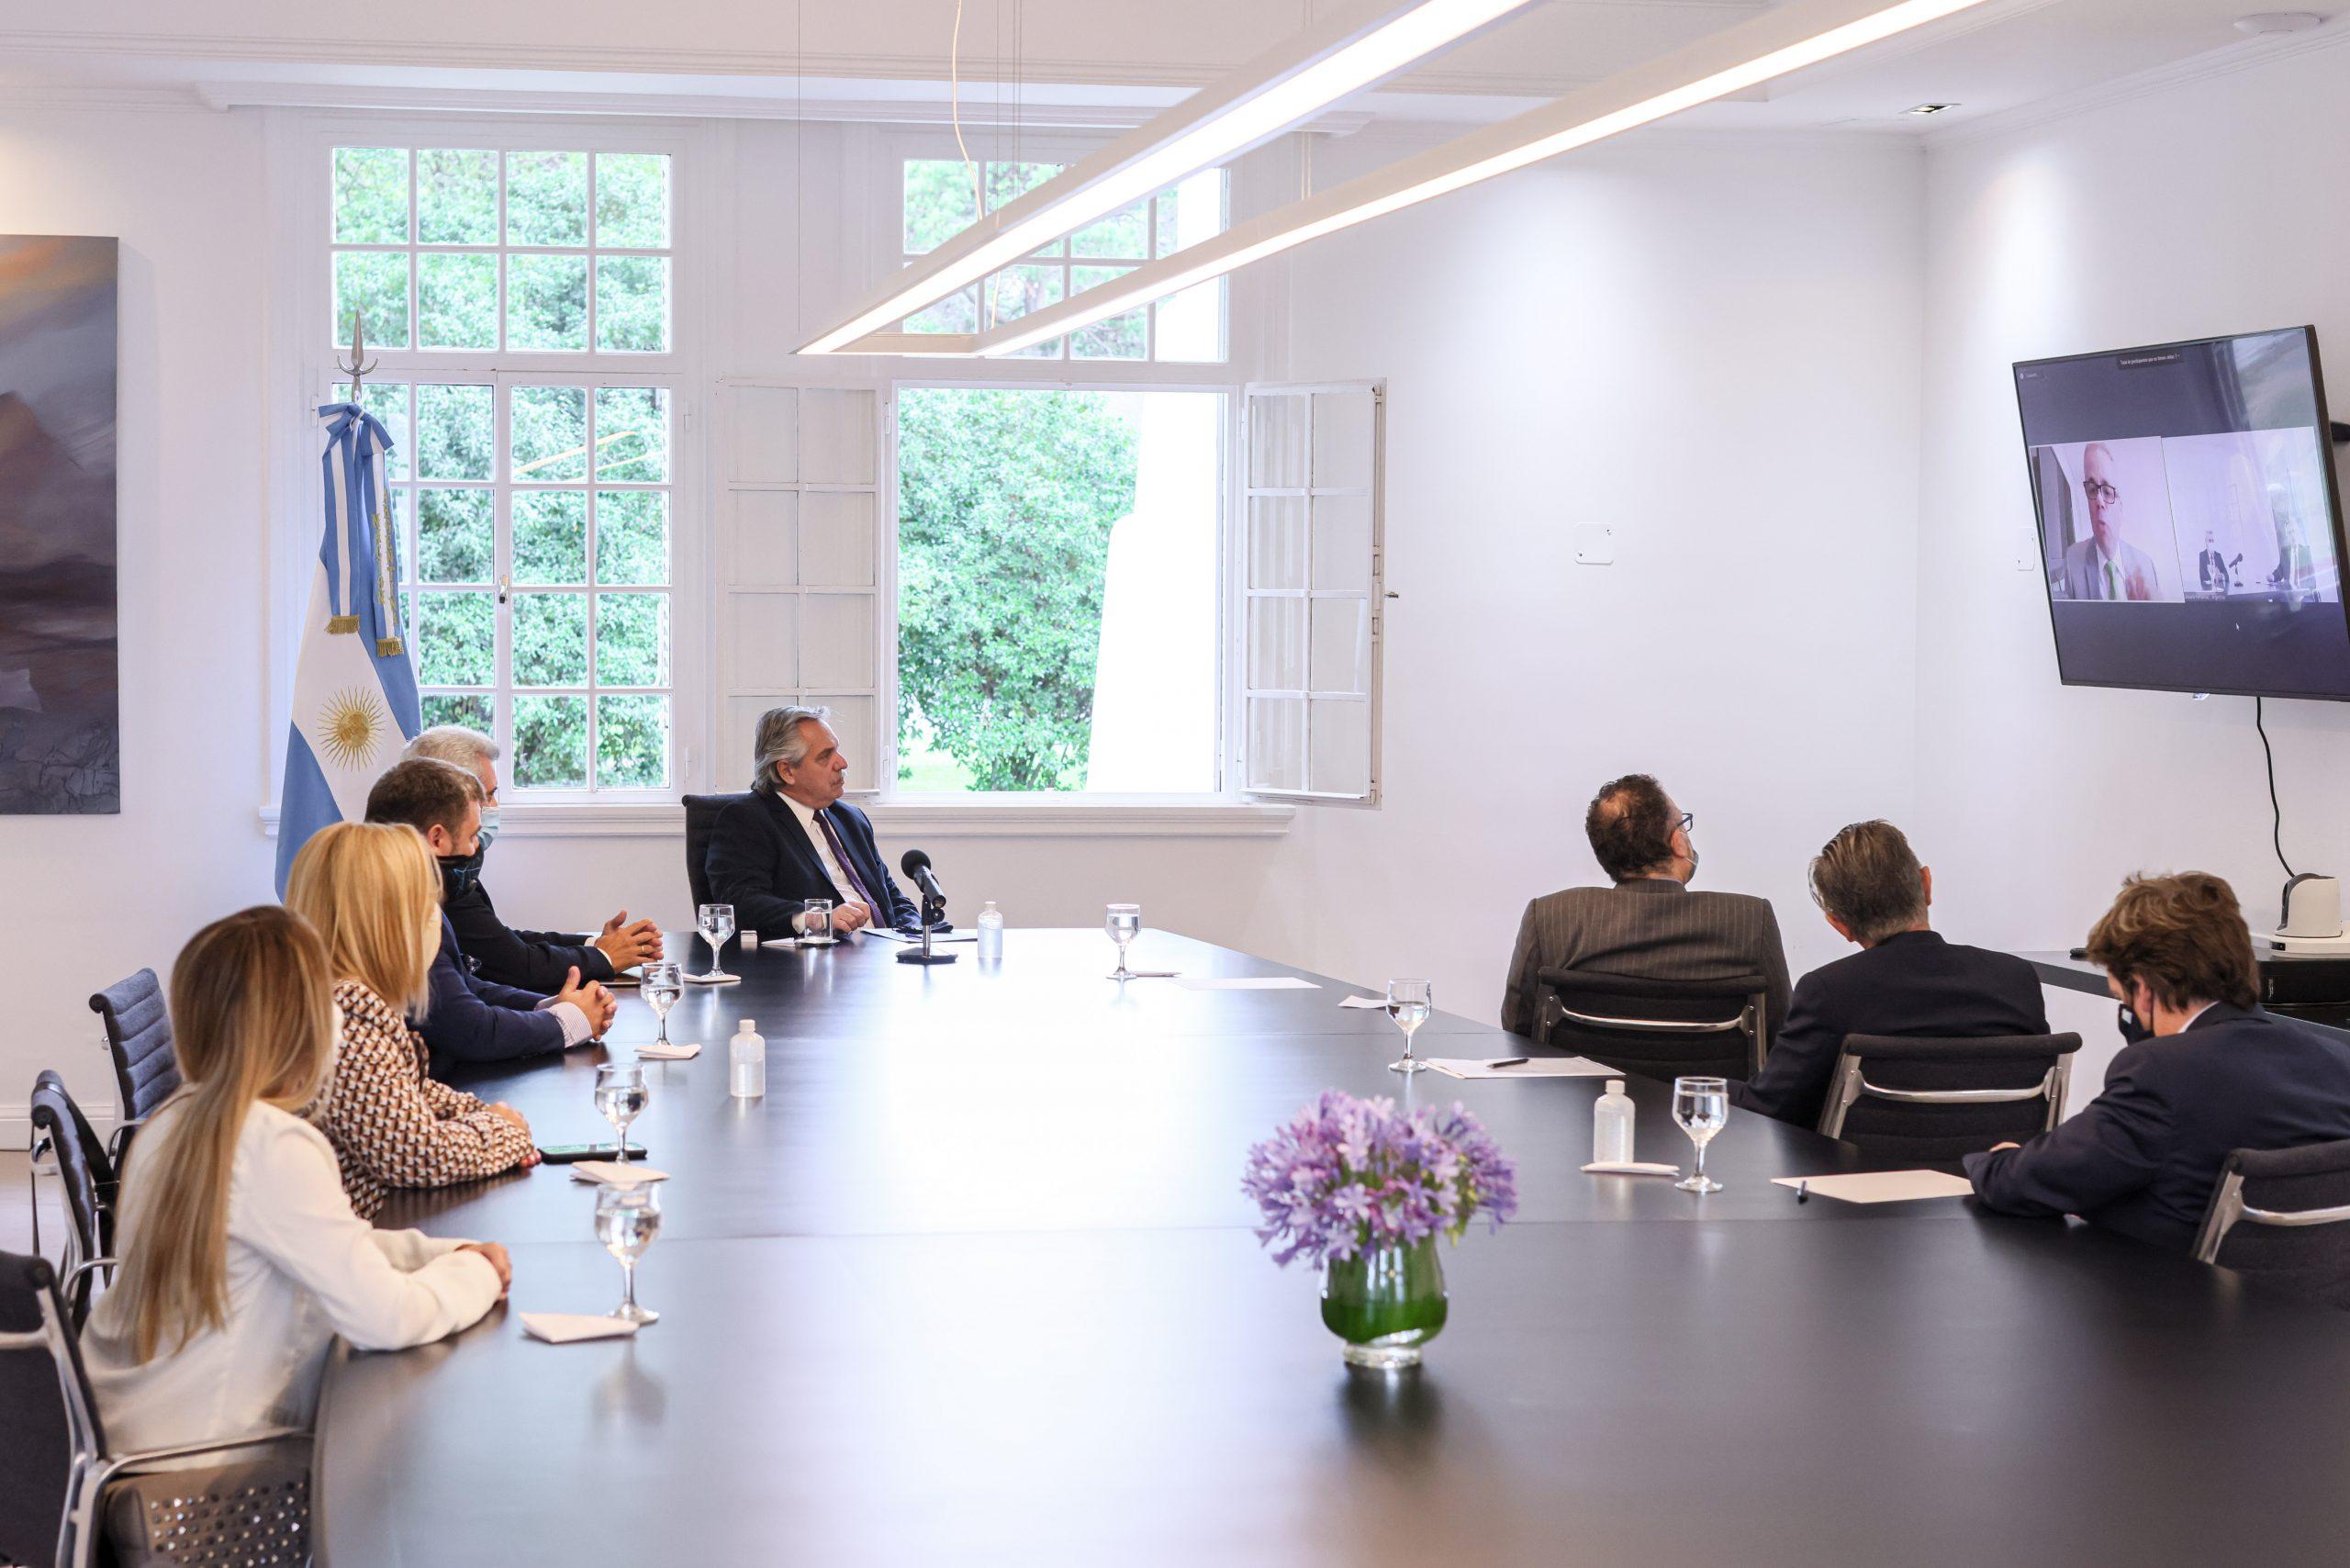 El Presidente mantuvo una videoconferencia con ejecutivos de Whirlpool quienes le informaron inversiones por 40 millones de dólares